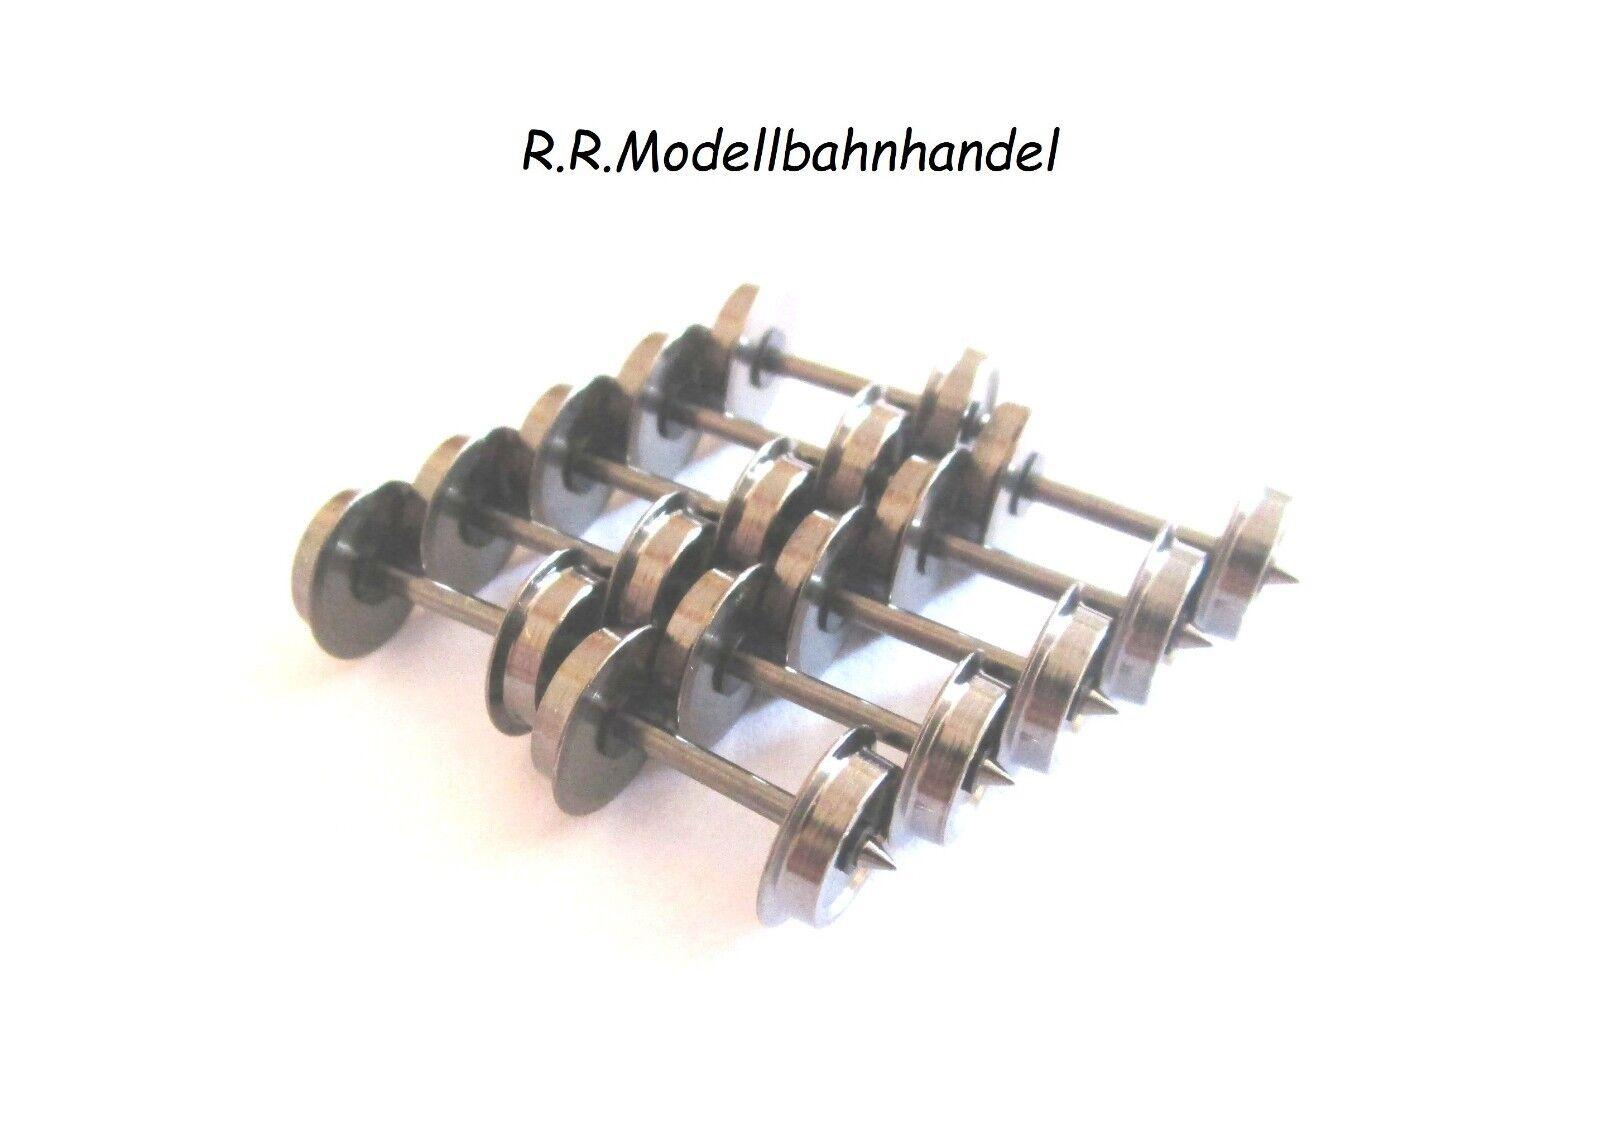 Entfernungsmesser 39x27 mm M 1:200 2 Stück